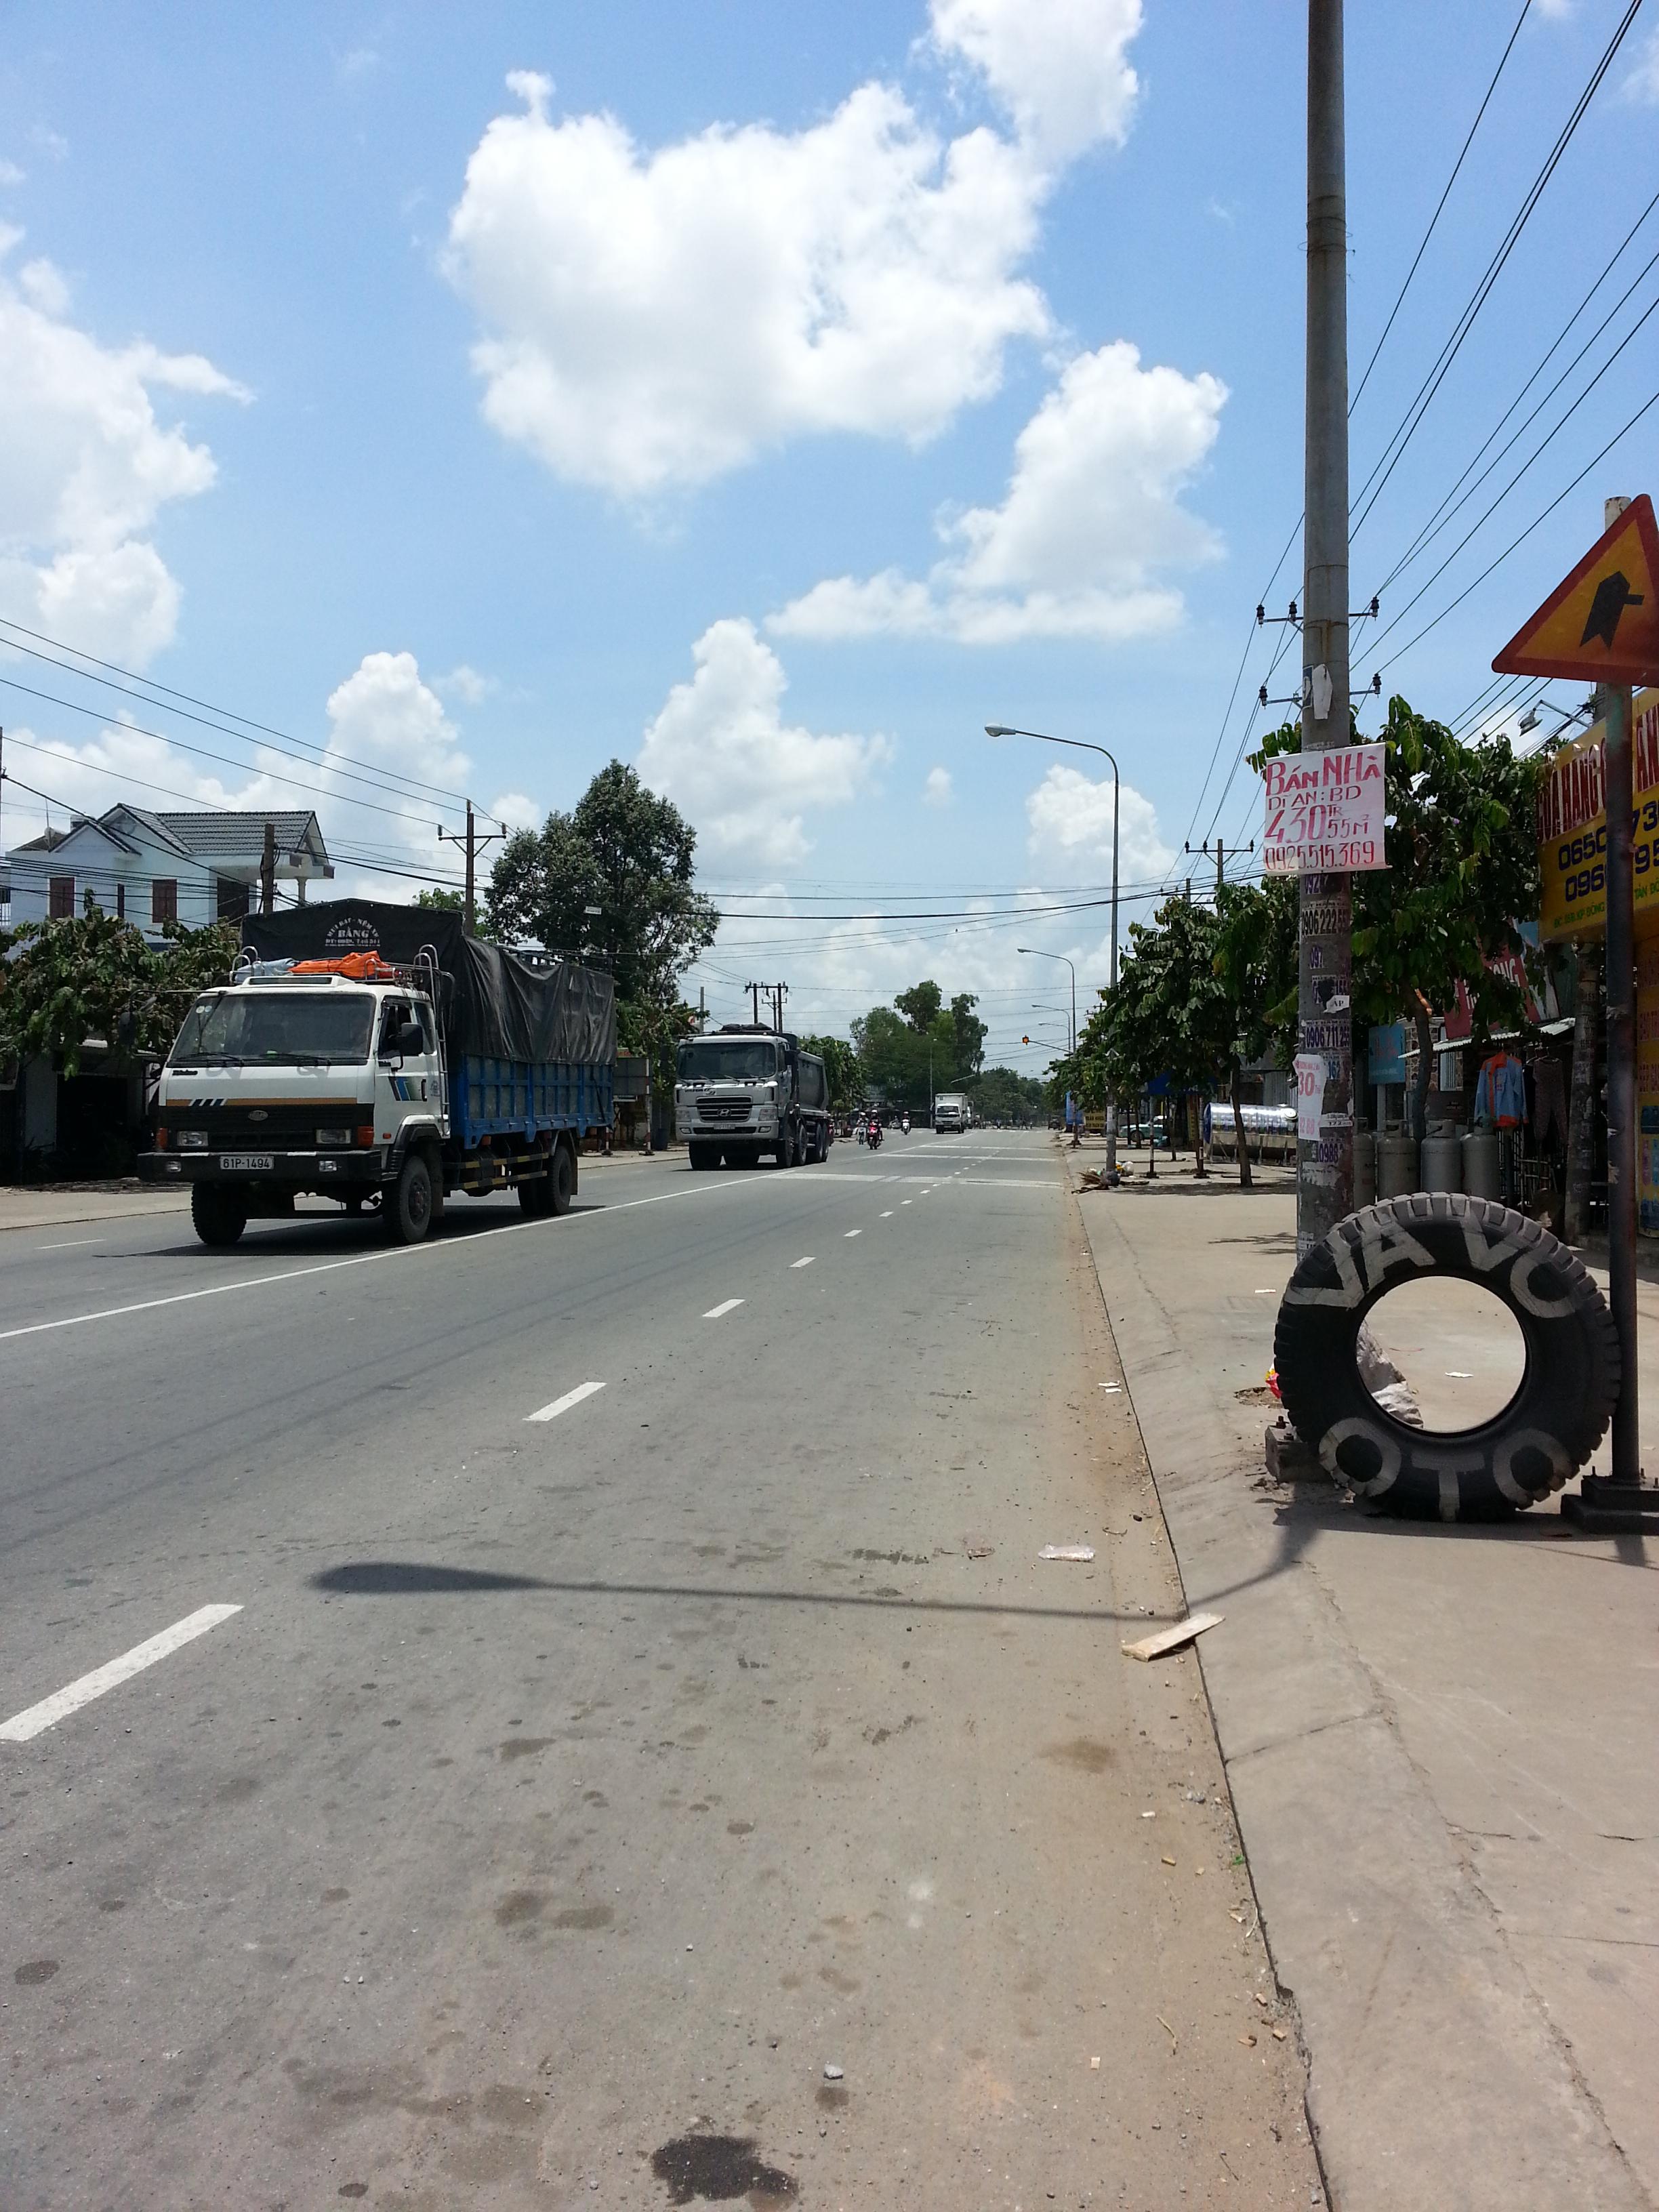 đường trước nhà đường trần hưng đạo thị xã dĩ an